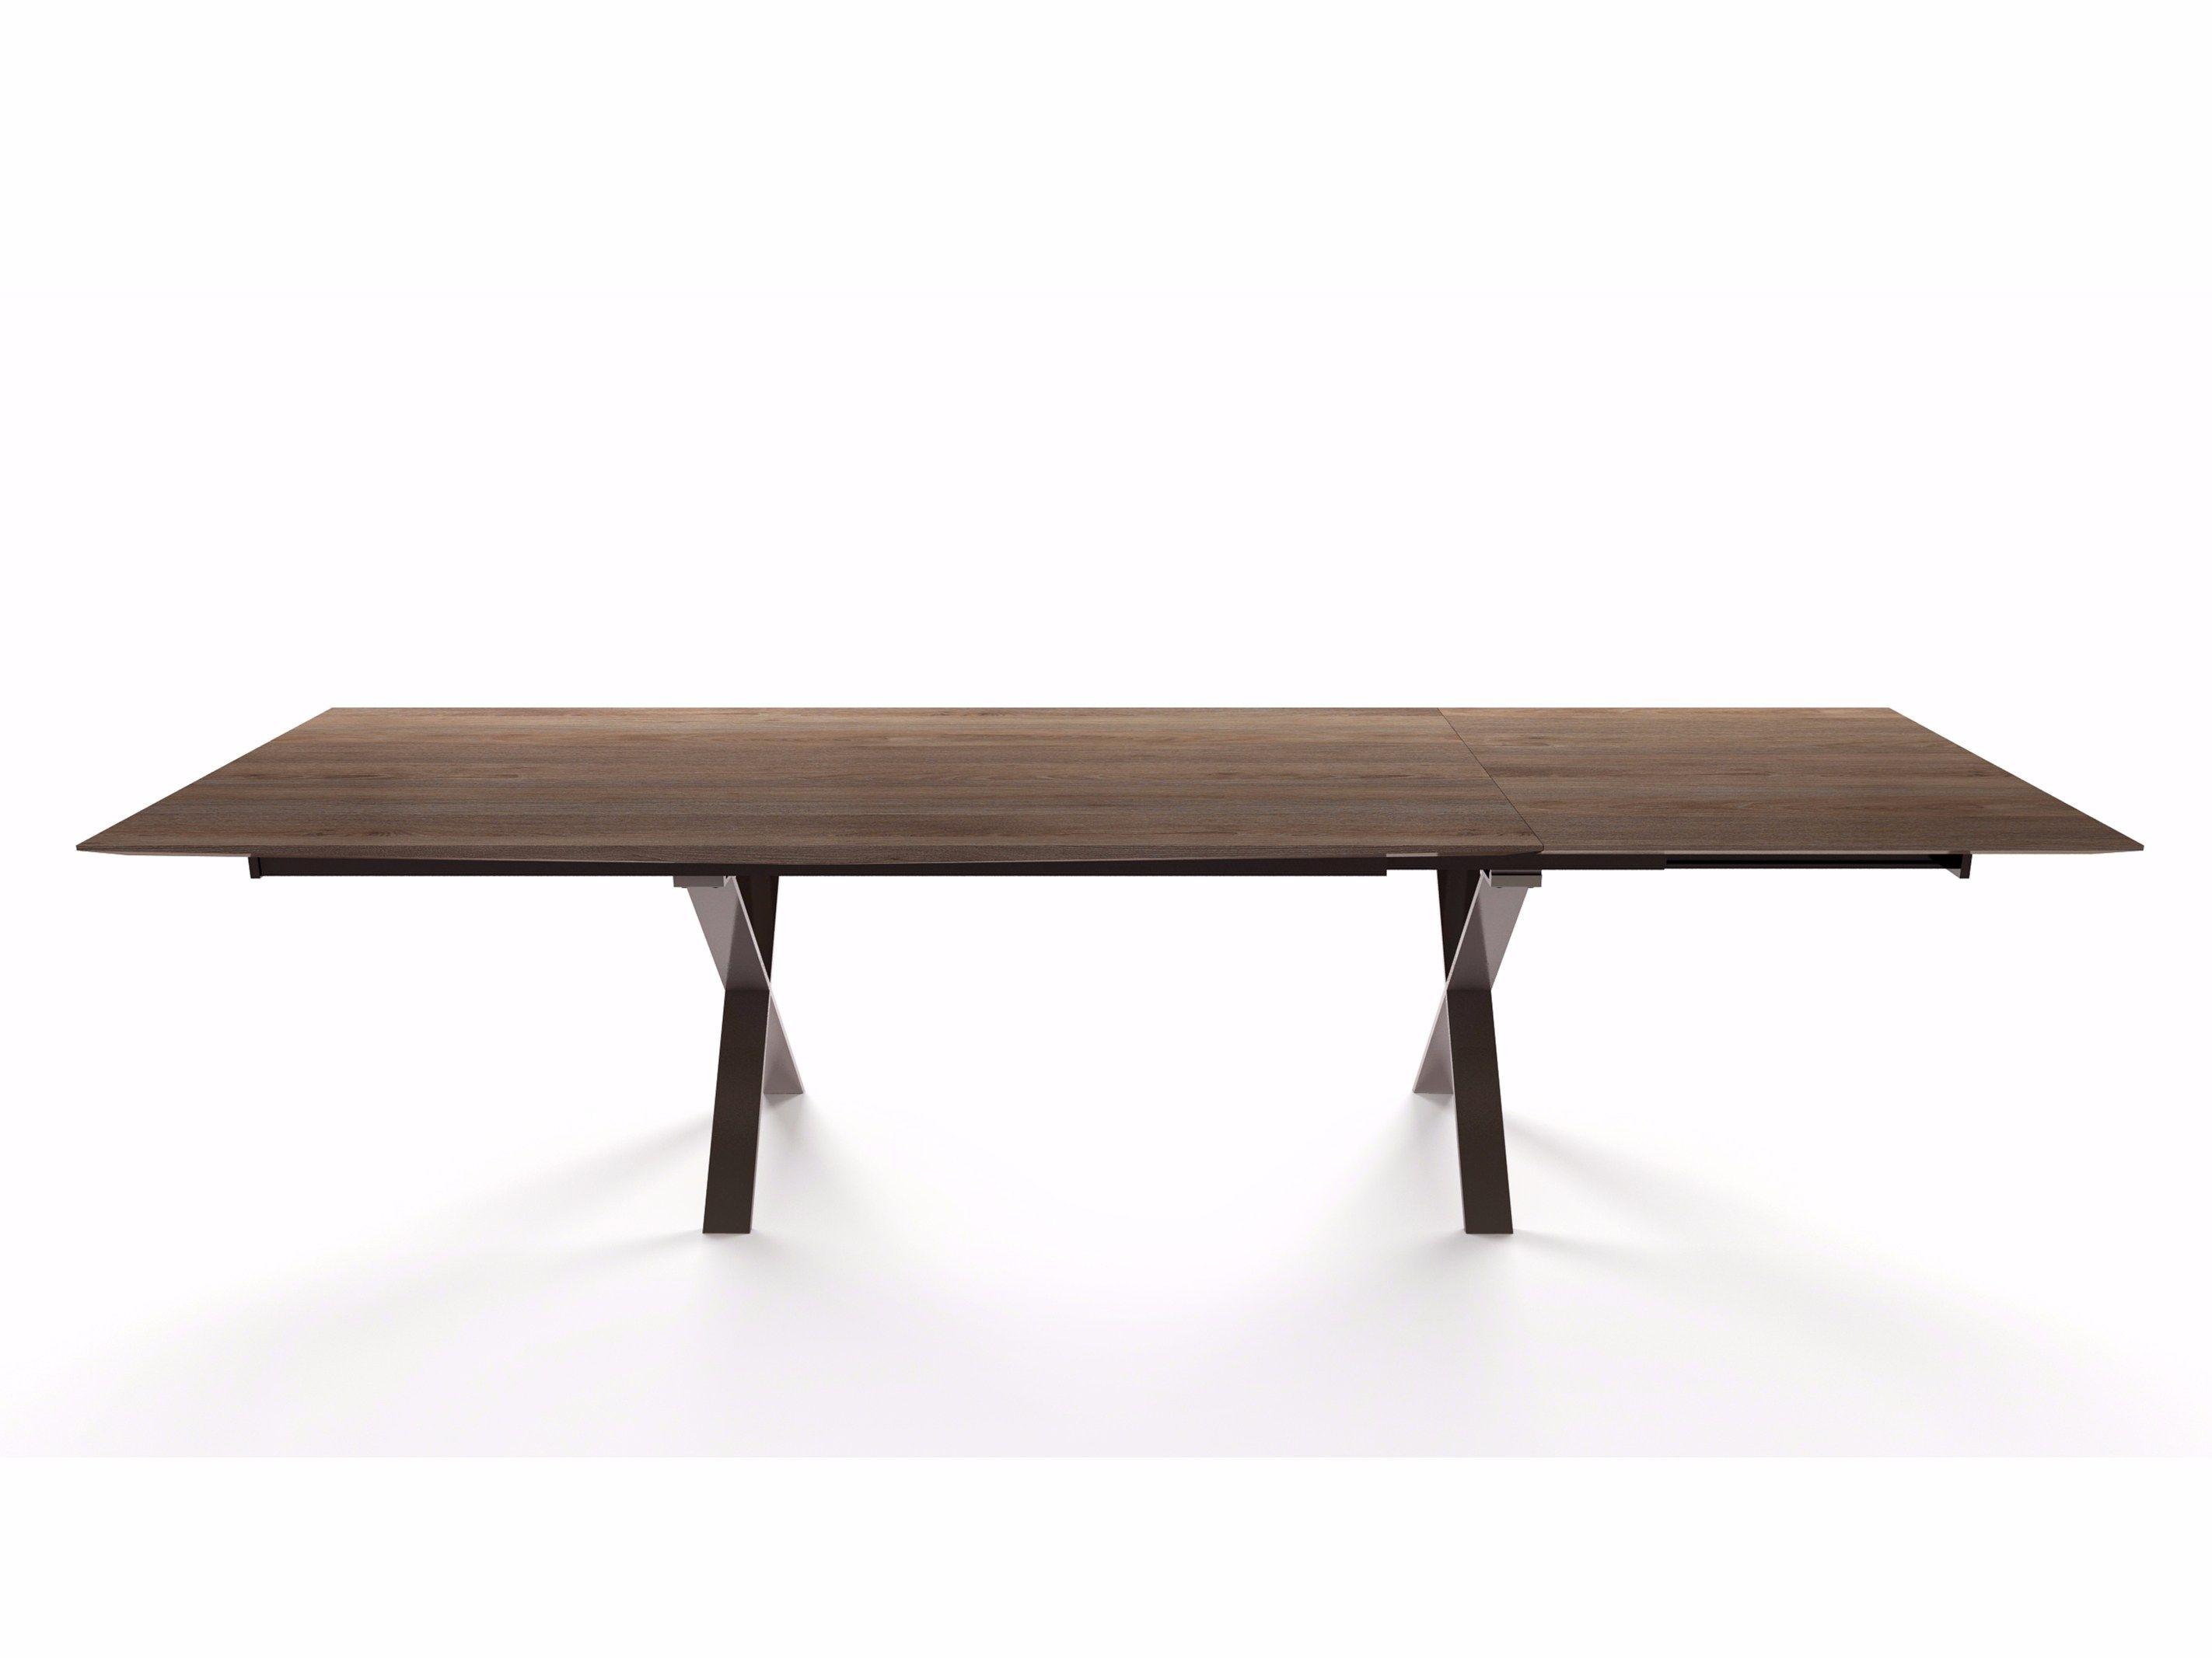 Tavolo Espandibile ~ Tavolo allungabile in legno lax tavolo allungabile more